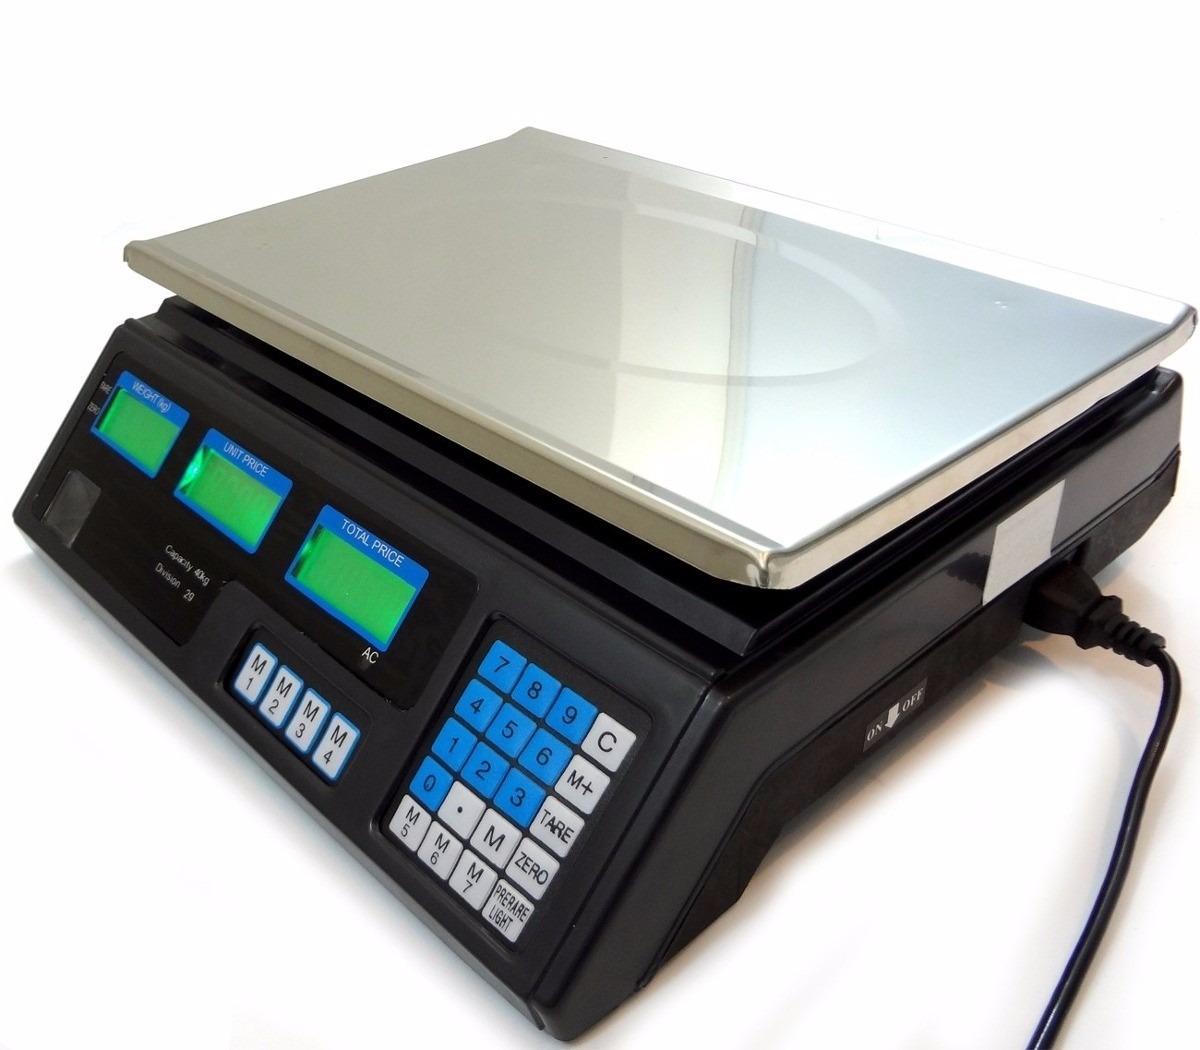 Balança Eletronica Digital com Bateria de Alta Precisao 40kg (81489  #106FBB 1200x1050 Balança Eletronica Digital De Banheiro